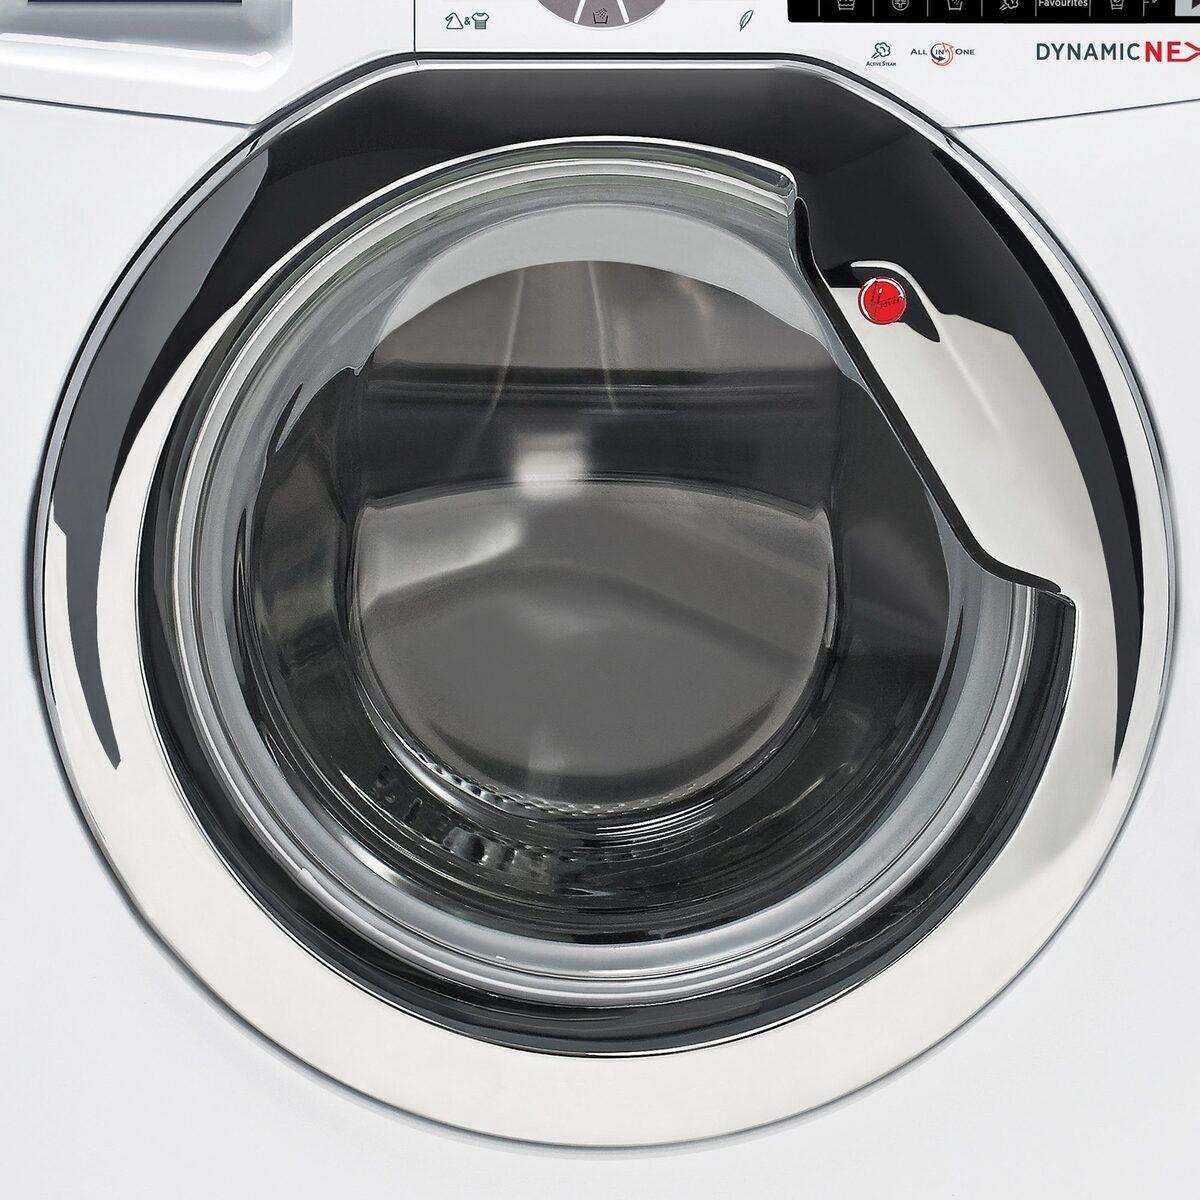 Bild 5 von Hoover Waschmaschine DWOT 611AHC3/1-S, 11 kg, 1600 U/Min, Invertermotor, Mengenautomatik, All in One 59 min., NFC- und WiFi-Technologie